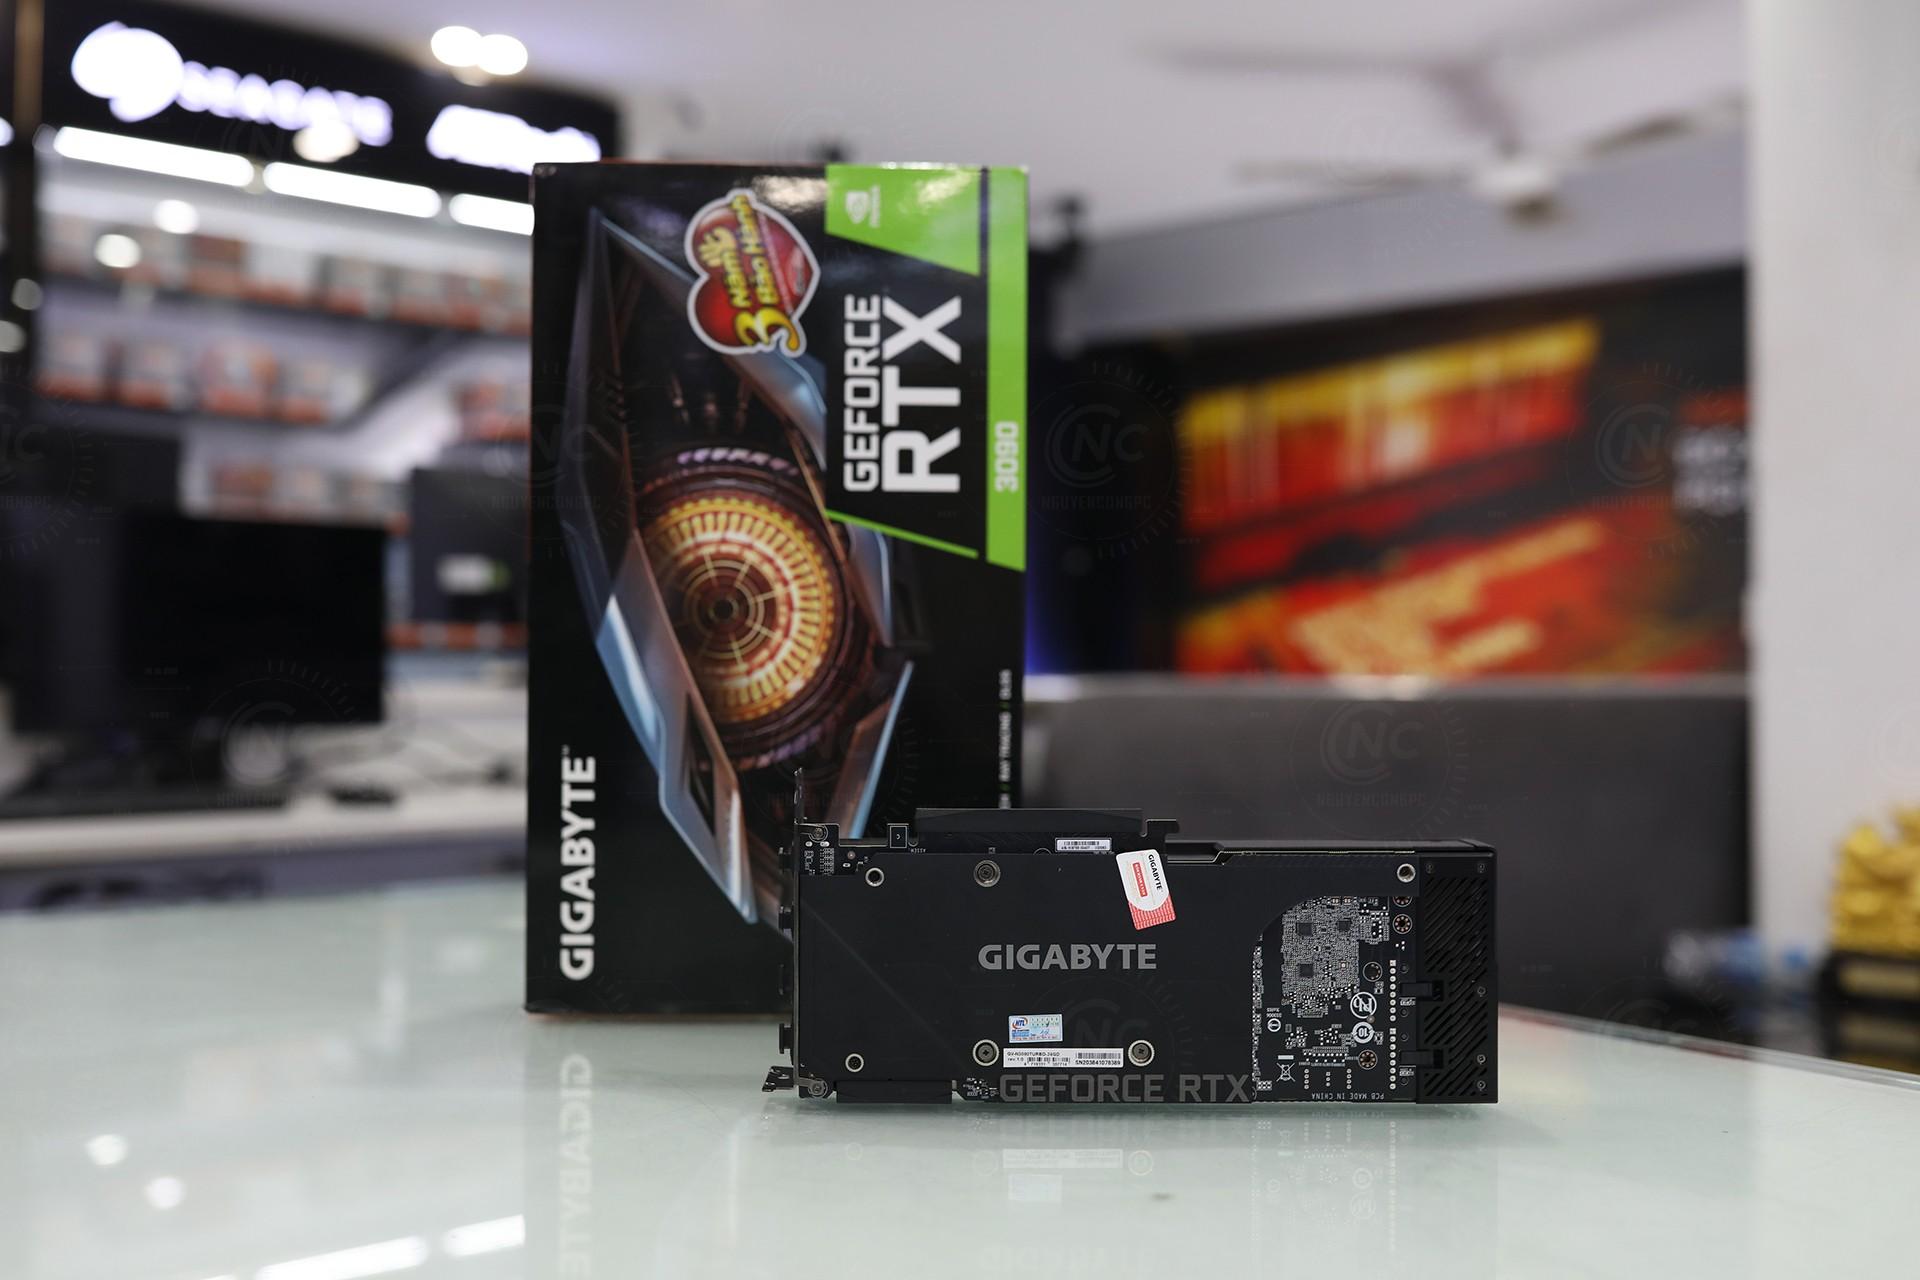 VGA Gigabyte RTX 3090 TURBO 24G